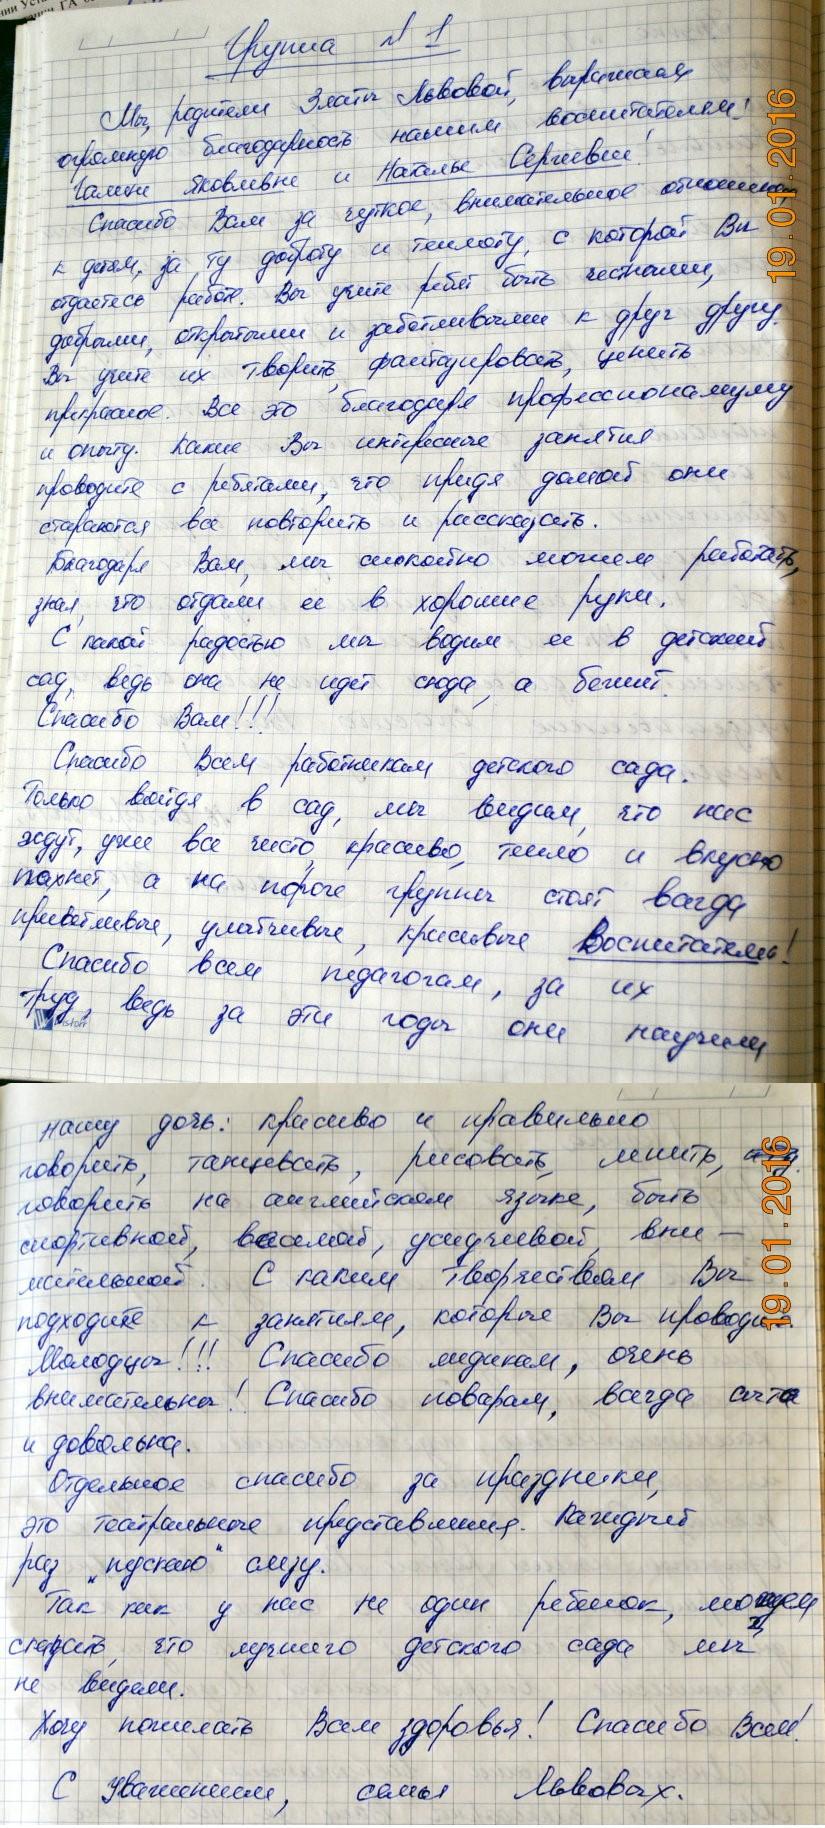 Хочу выразить благодарность нашим воспитателям Ольге Васильевне и Мадине Камильевне